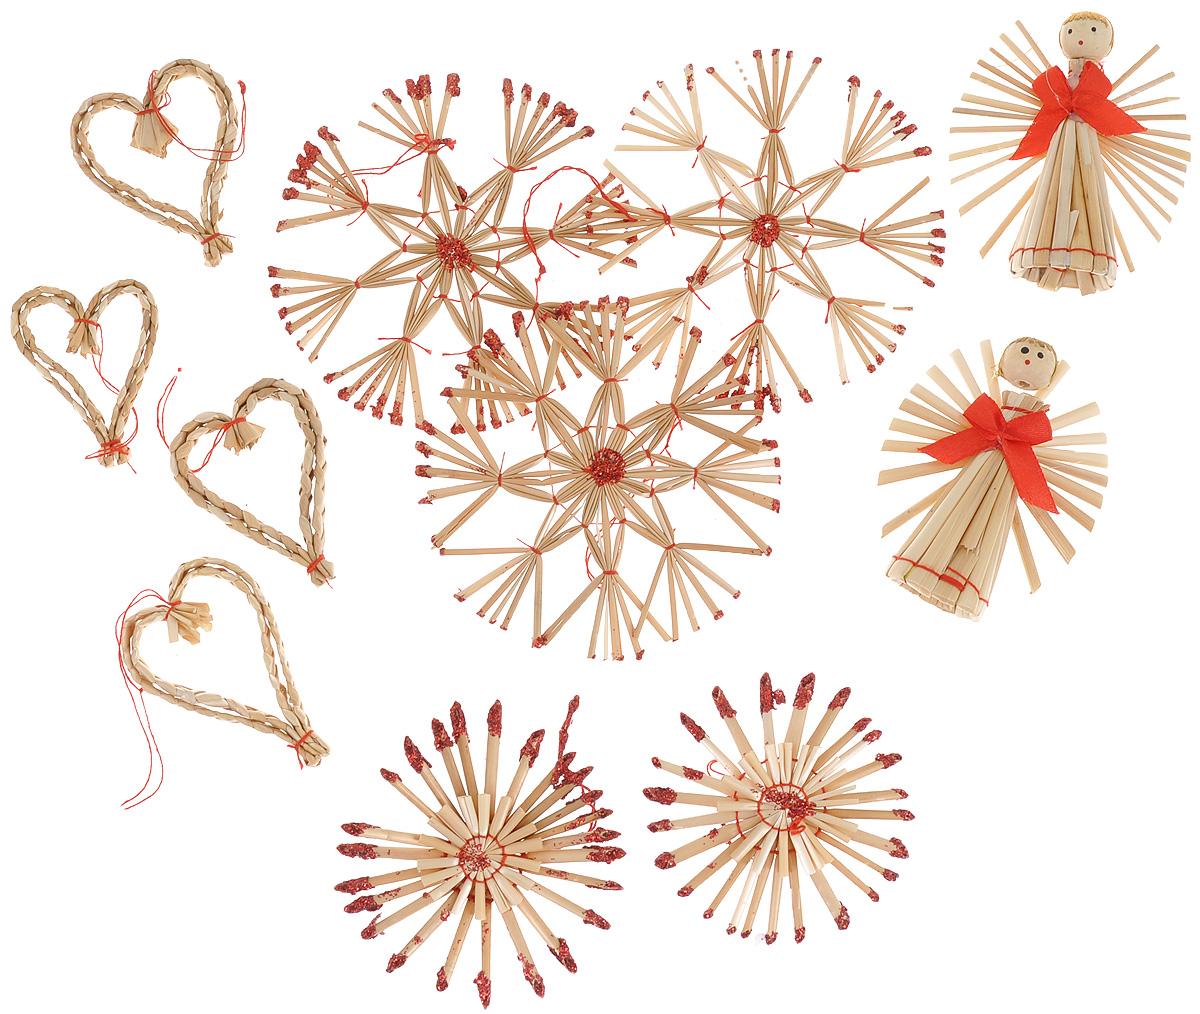 Набор новогодних подвесных украшений Феникс-презент Сердца и звезды, цвет: красный, светло-коричневый, 11 шт38203Набор Феникс-презент Сердца и звезды, состоящий из 11 новогодних подвесныхукрашений, отлично подойдет для декорации вашего дома и новогодней ели. Изделия выполнены из соломы в виде сердечек, звезд и ангелочков, оформленных блестками и текстильными бантиками. Украшения имеют специальные петельки для подвешивания. Коллекция декоративных украшений Феникс-презент Сердца и звезды принесет вваш дом ни с чем не сравнимое ощущение праздника!Средний размер украшения: 8 см х 6,5 см.